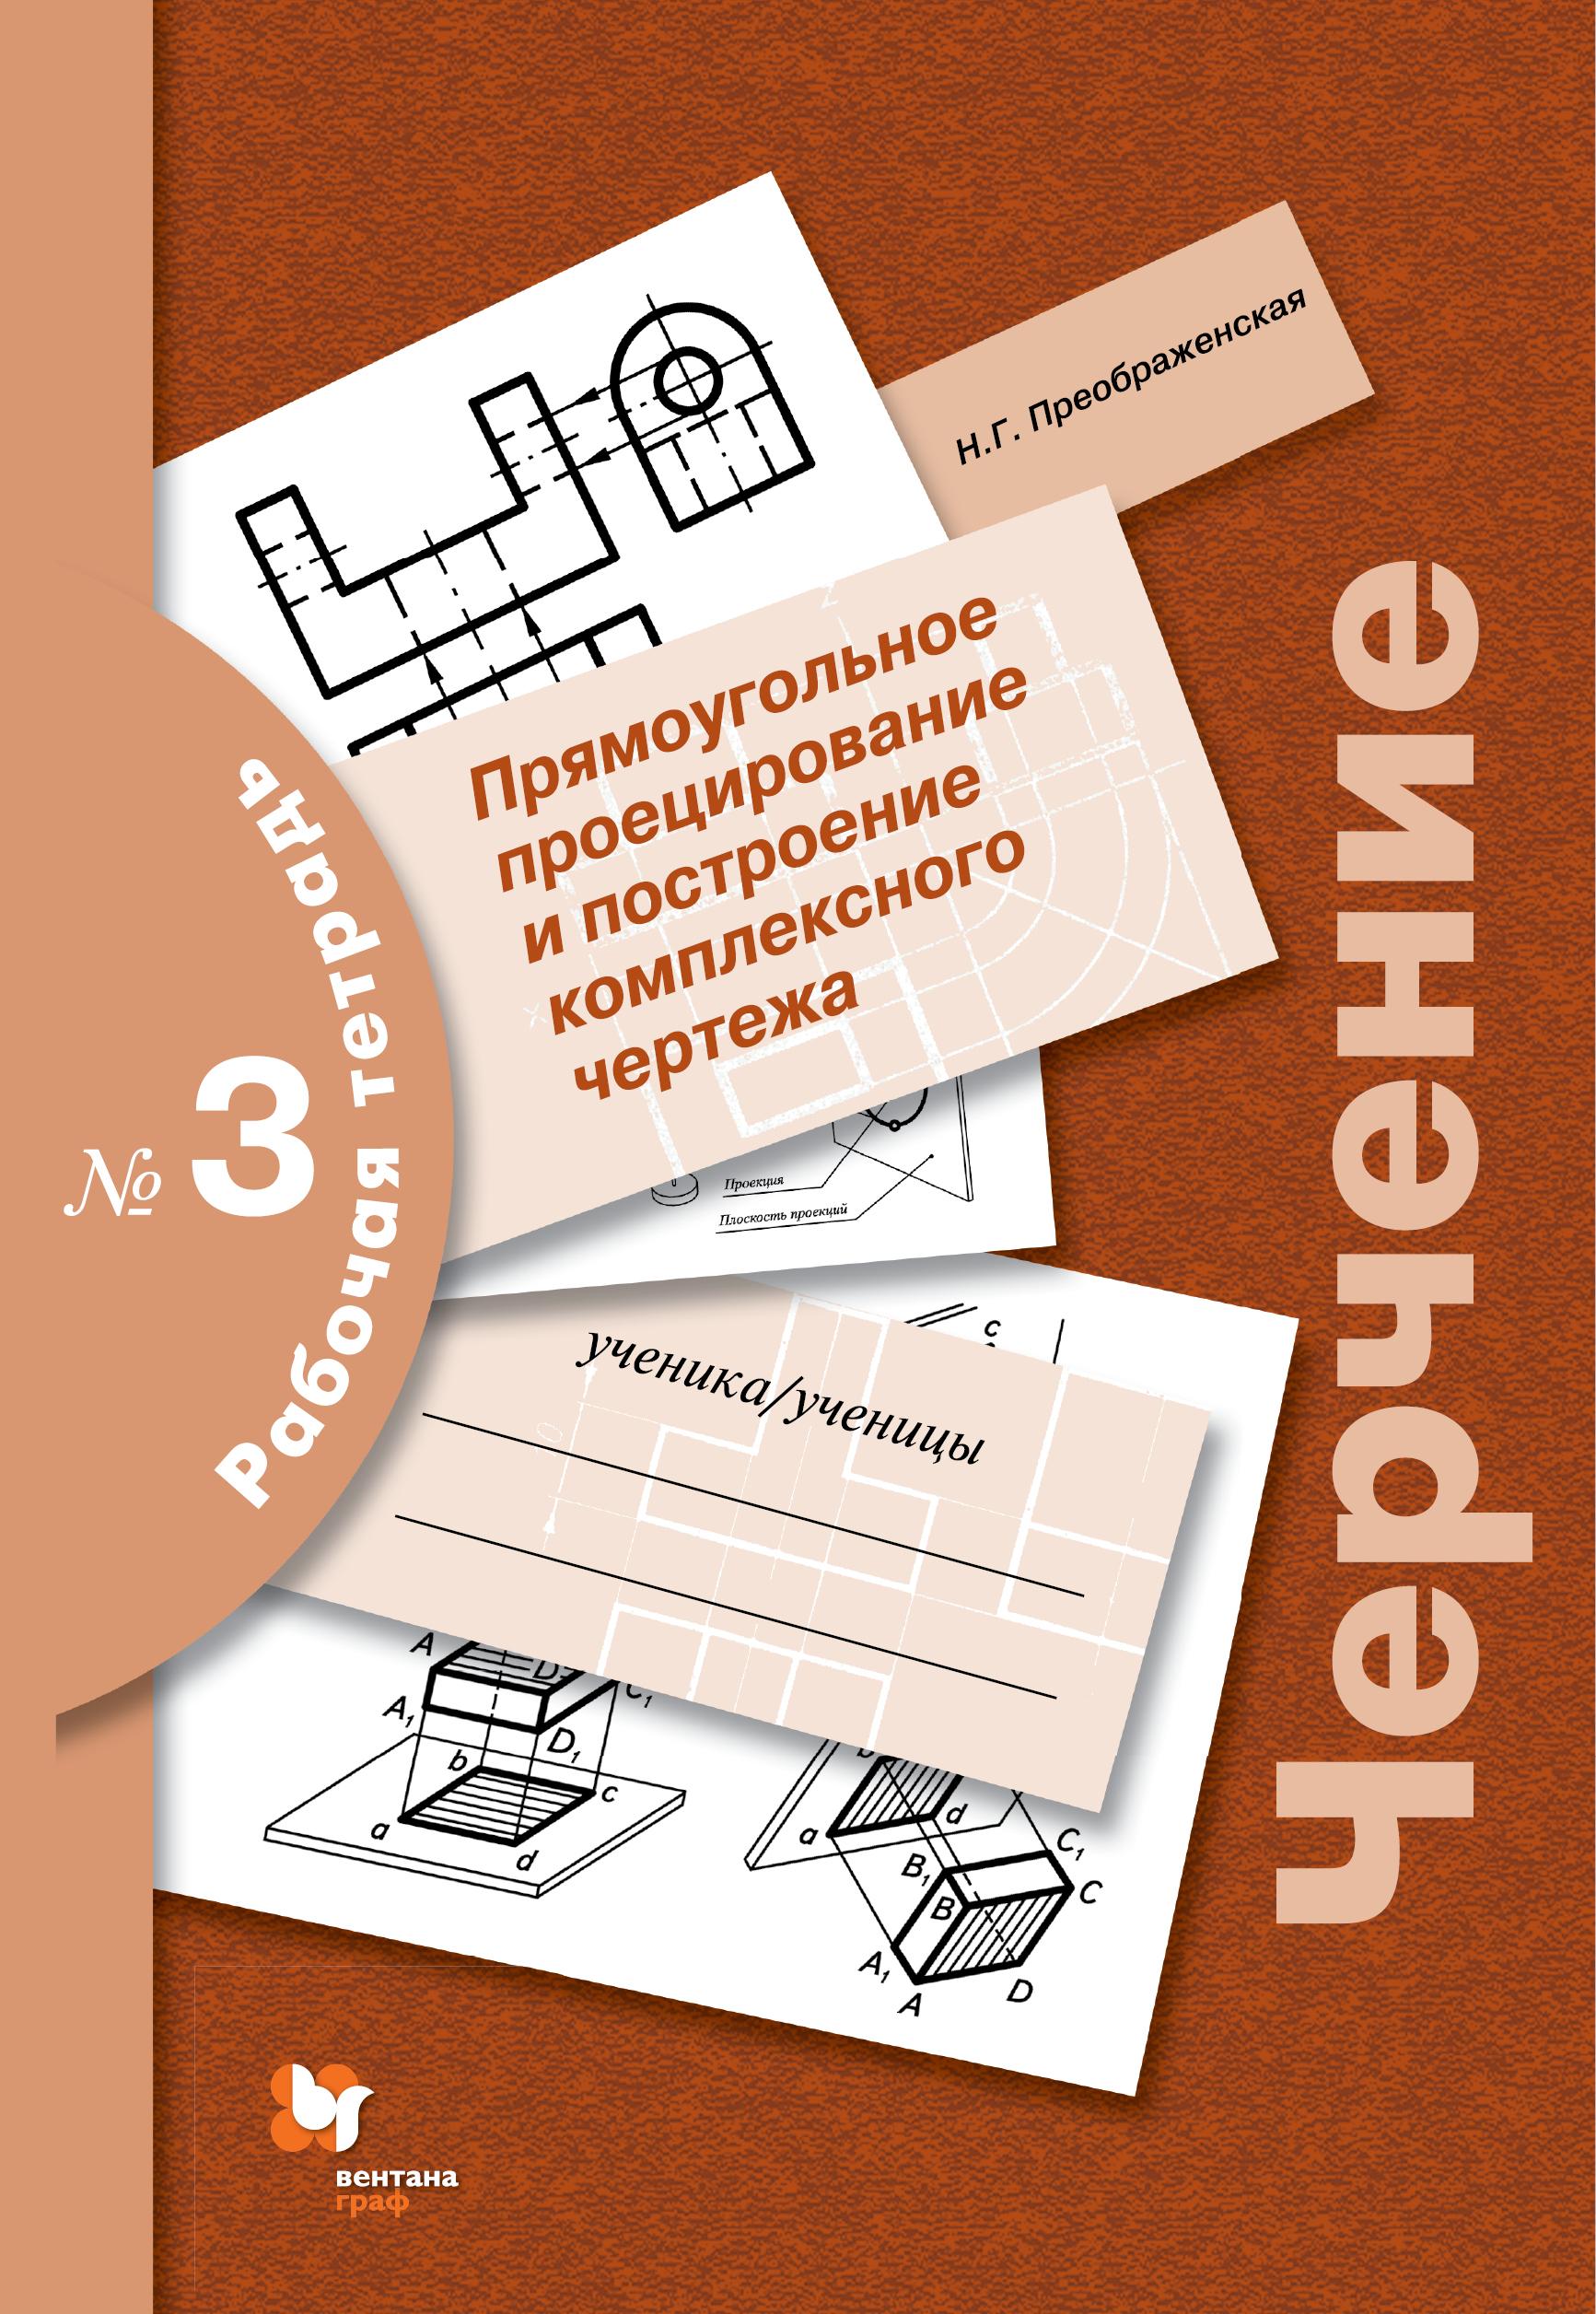 Черчение № 3. Прямоугольное проецирование и построение комплексного чертежа. 7–9класс. Рабочая тетрадь